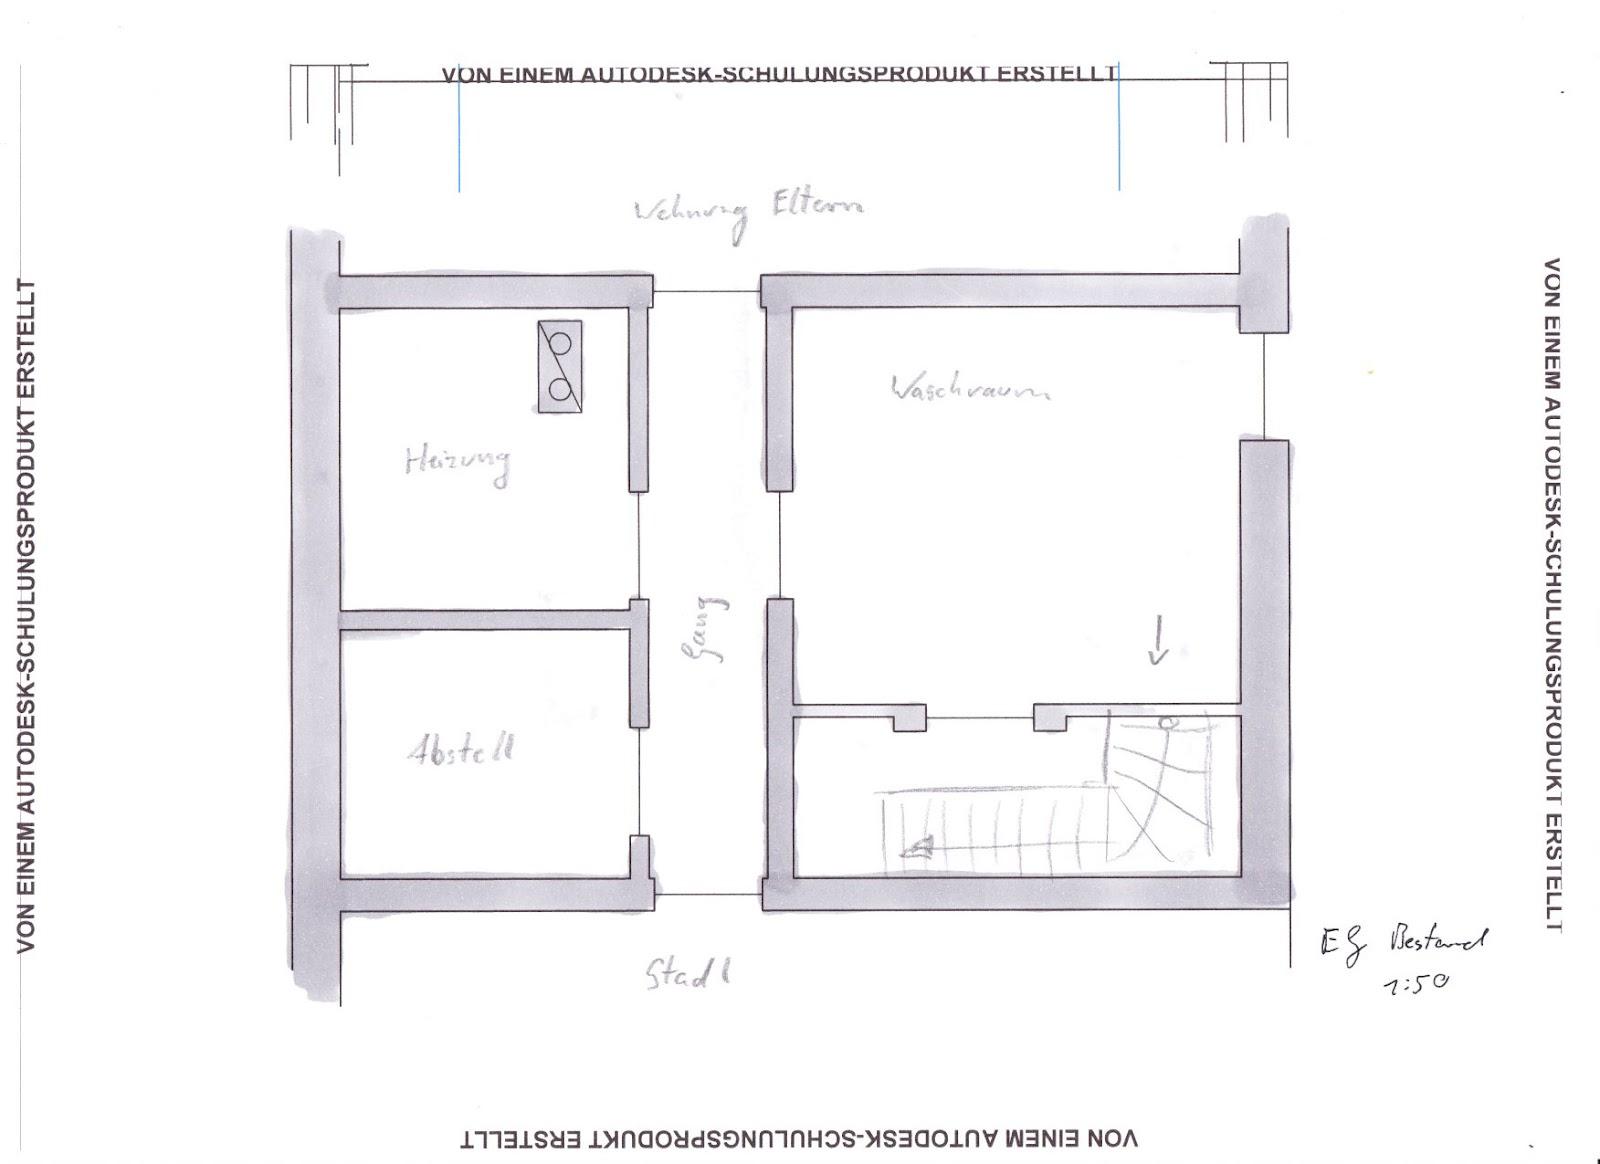 Erschließung des Heuboden - eigenkonstrukt.de